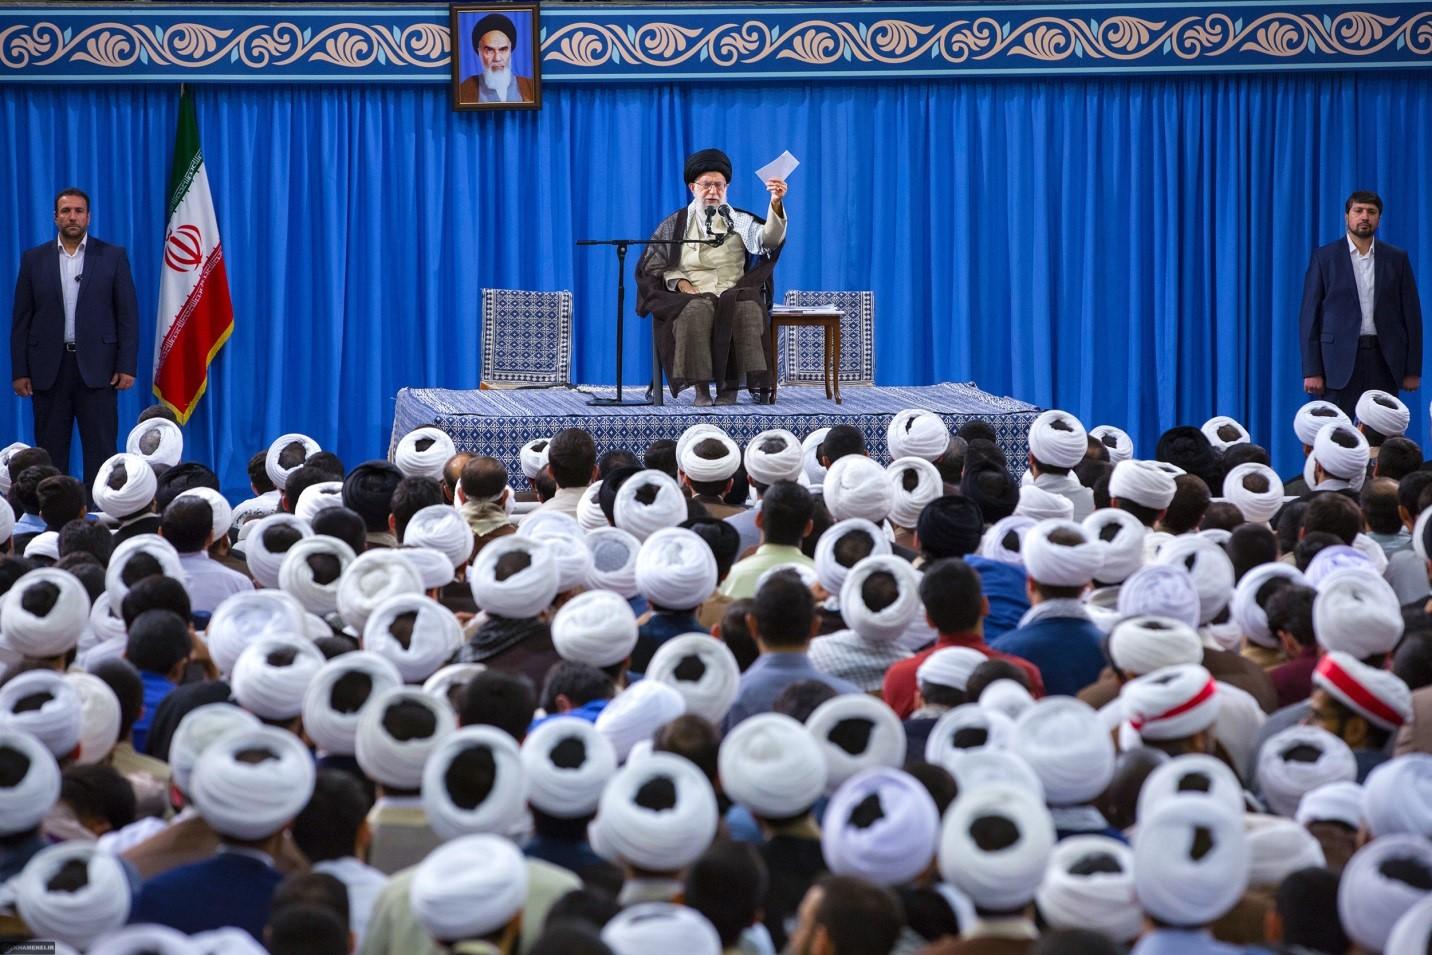 حاشیه های خواندنی از دیدار صمیمانه طلاب با رهبر معظم انقلاب